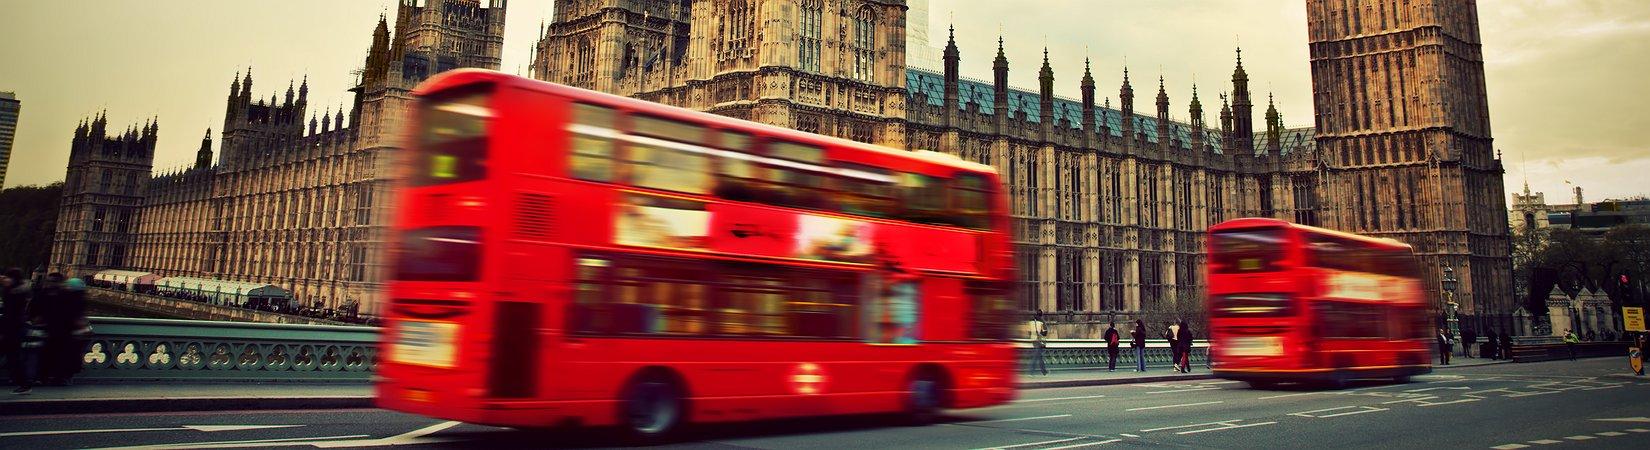 Великобритания вышла из топ-5 крупнейших мировых экономик